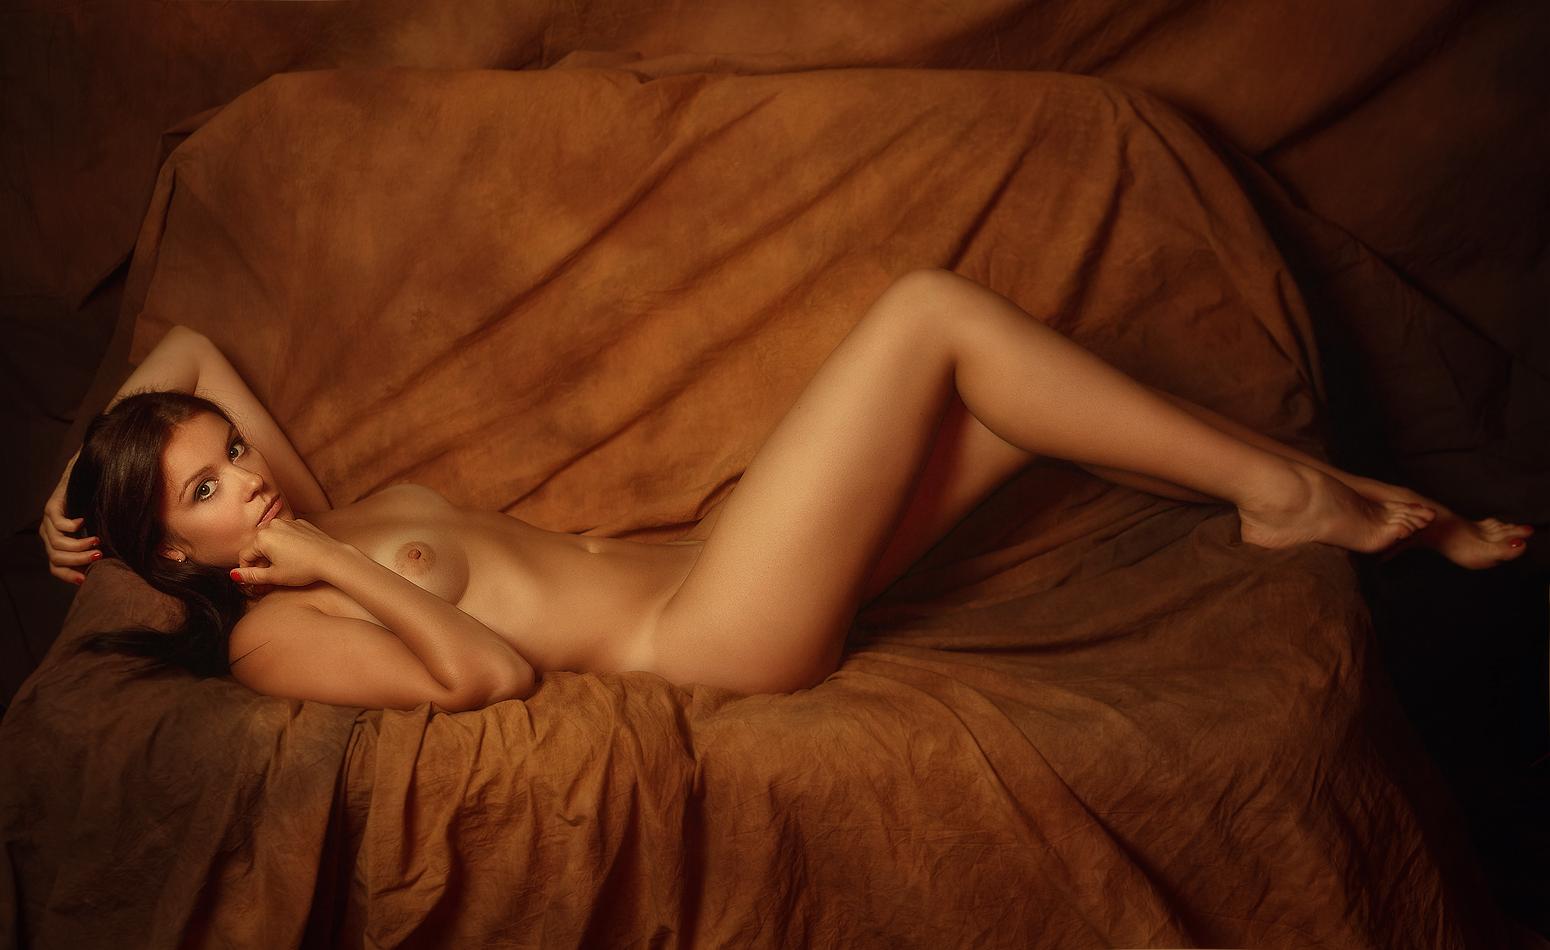 Фото эротика профессиональное, Ню фото красивых девушек и женщин. Смотреть бесплатно 18 фотография